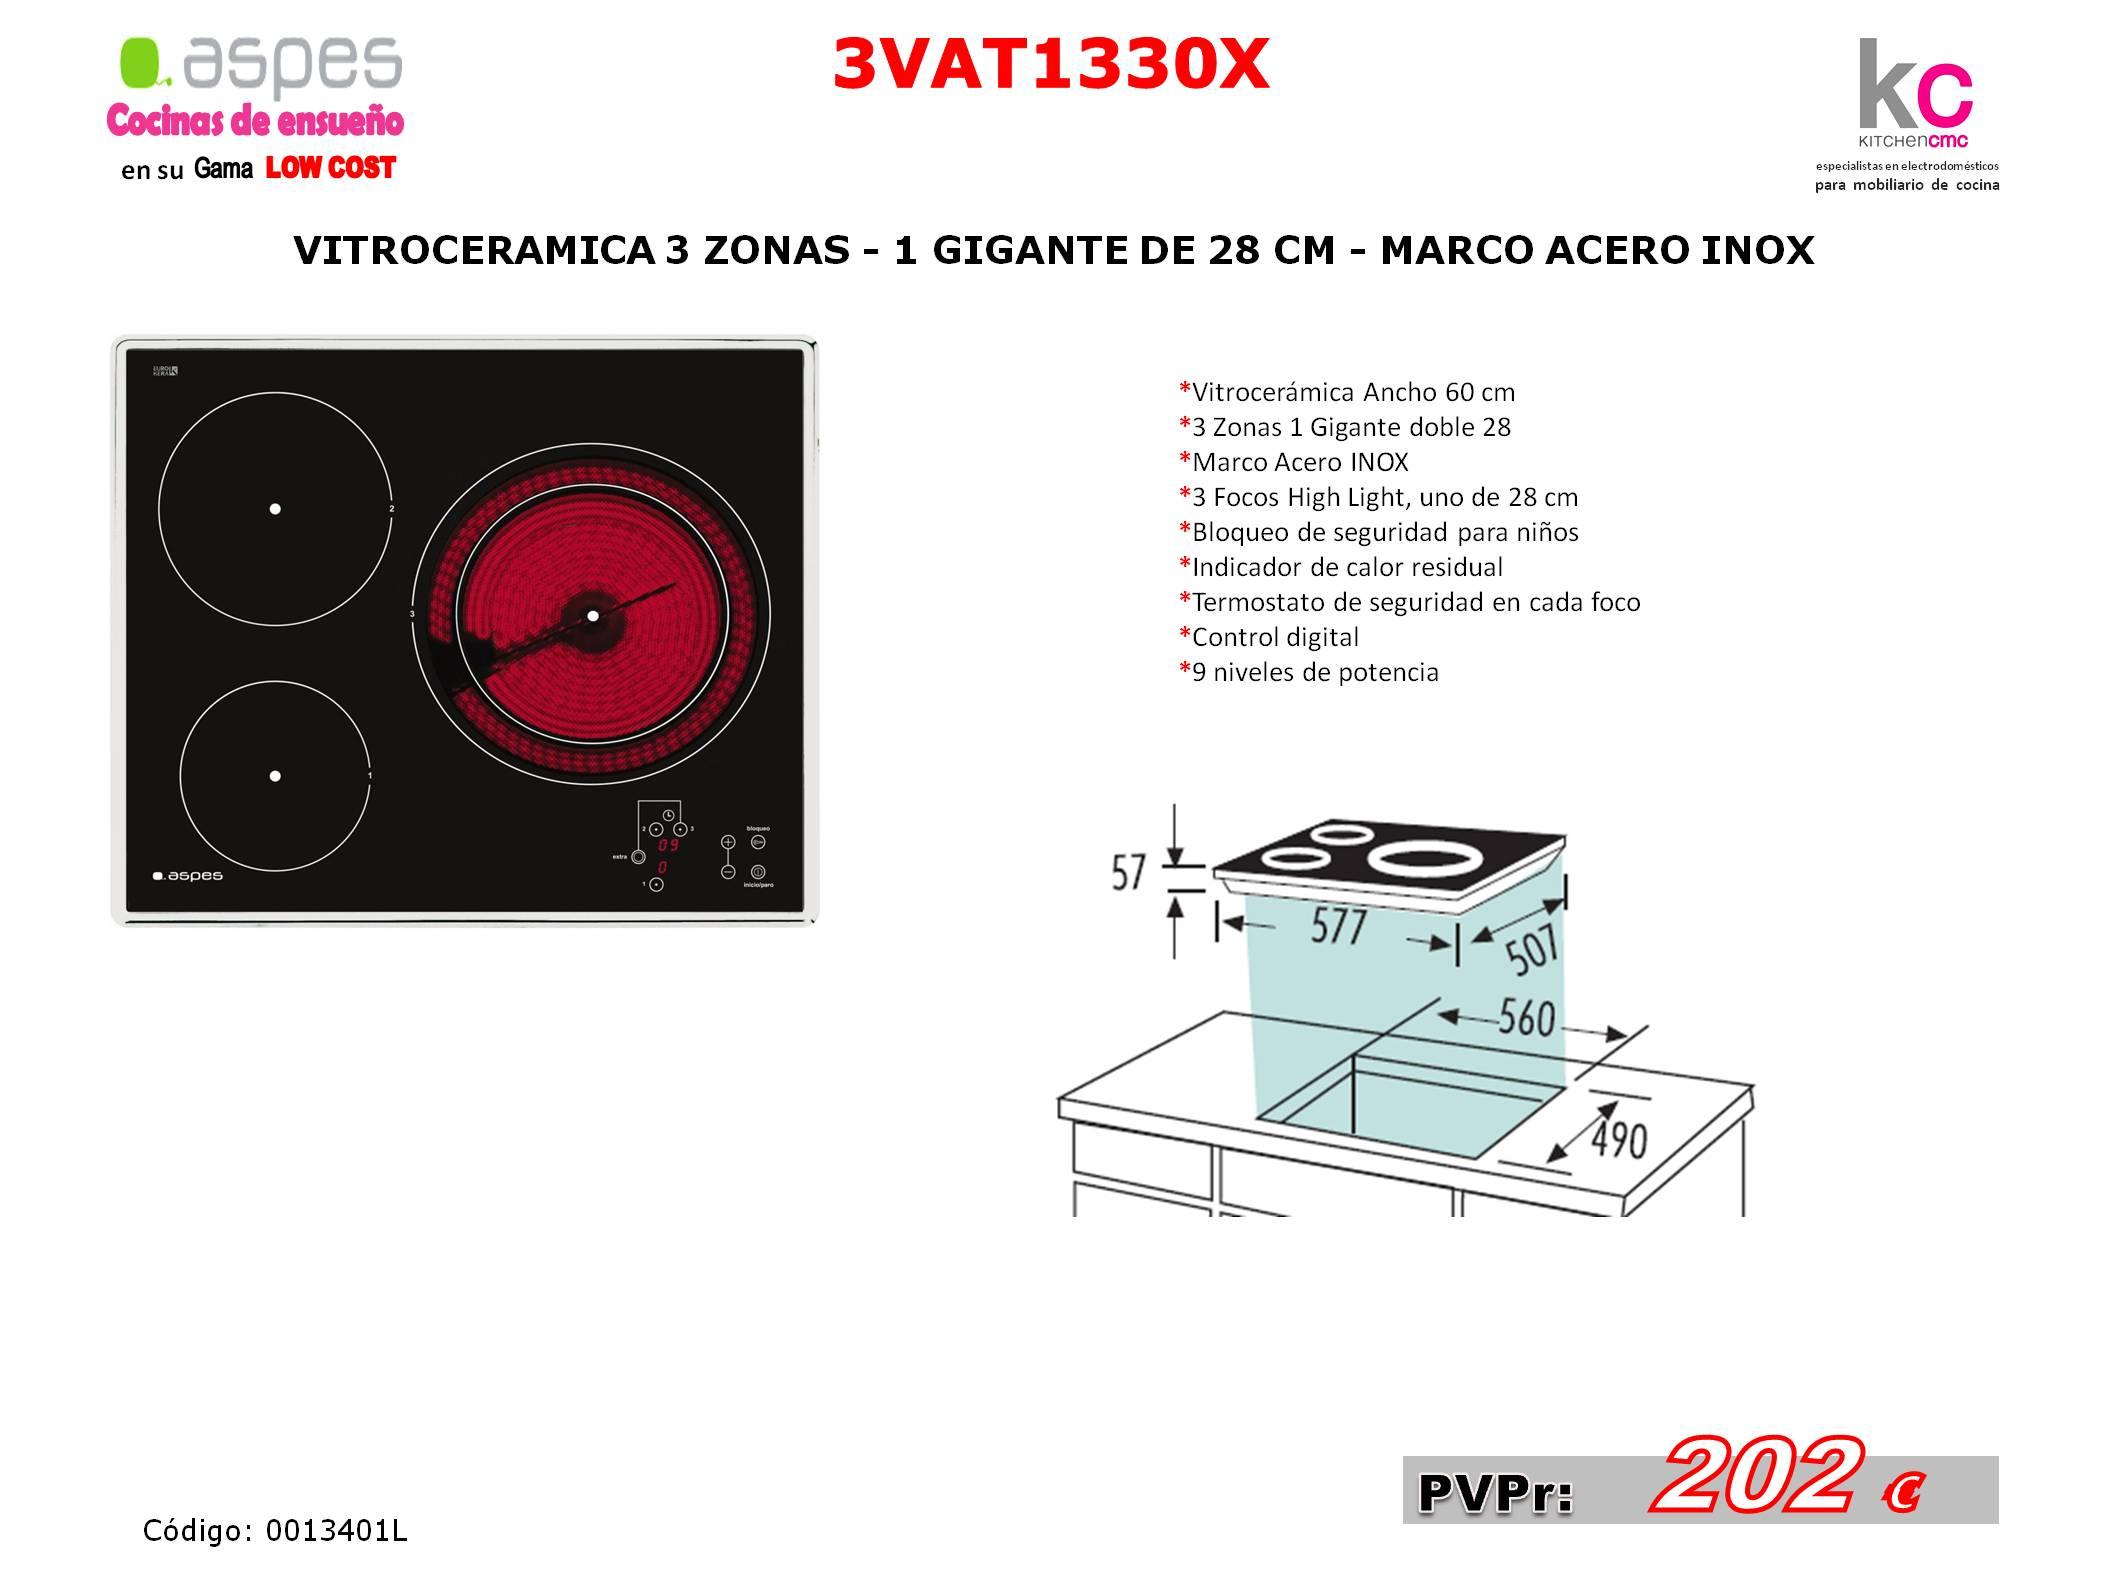 vitroceramica 3 zonas